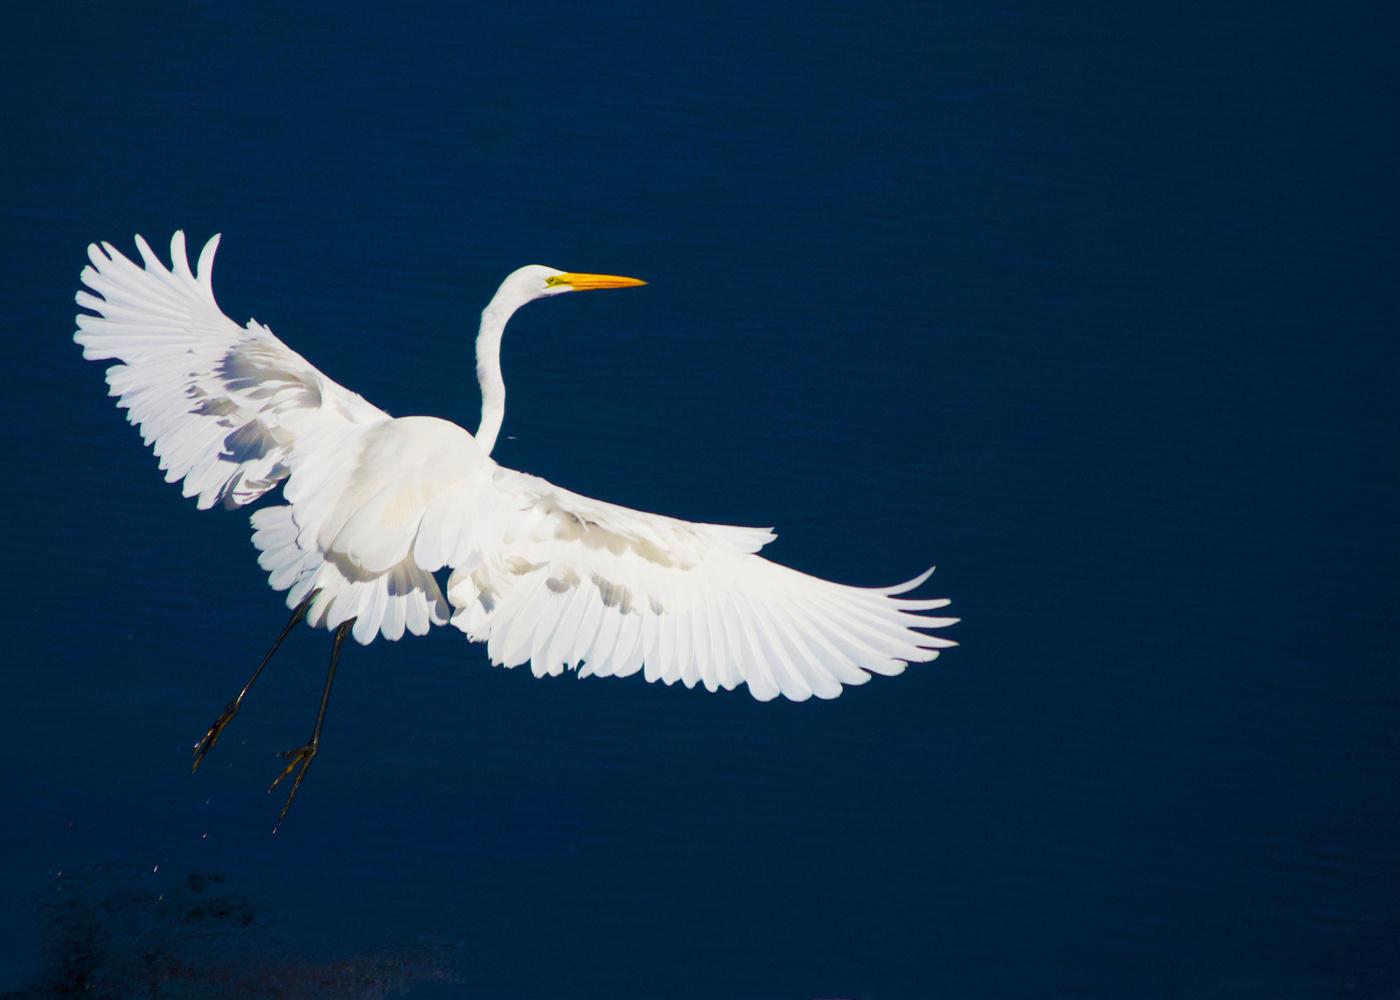 In Flight by J Sclafani